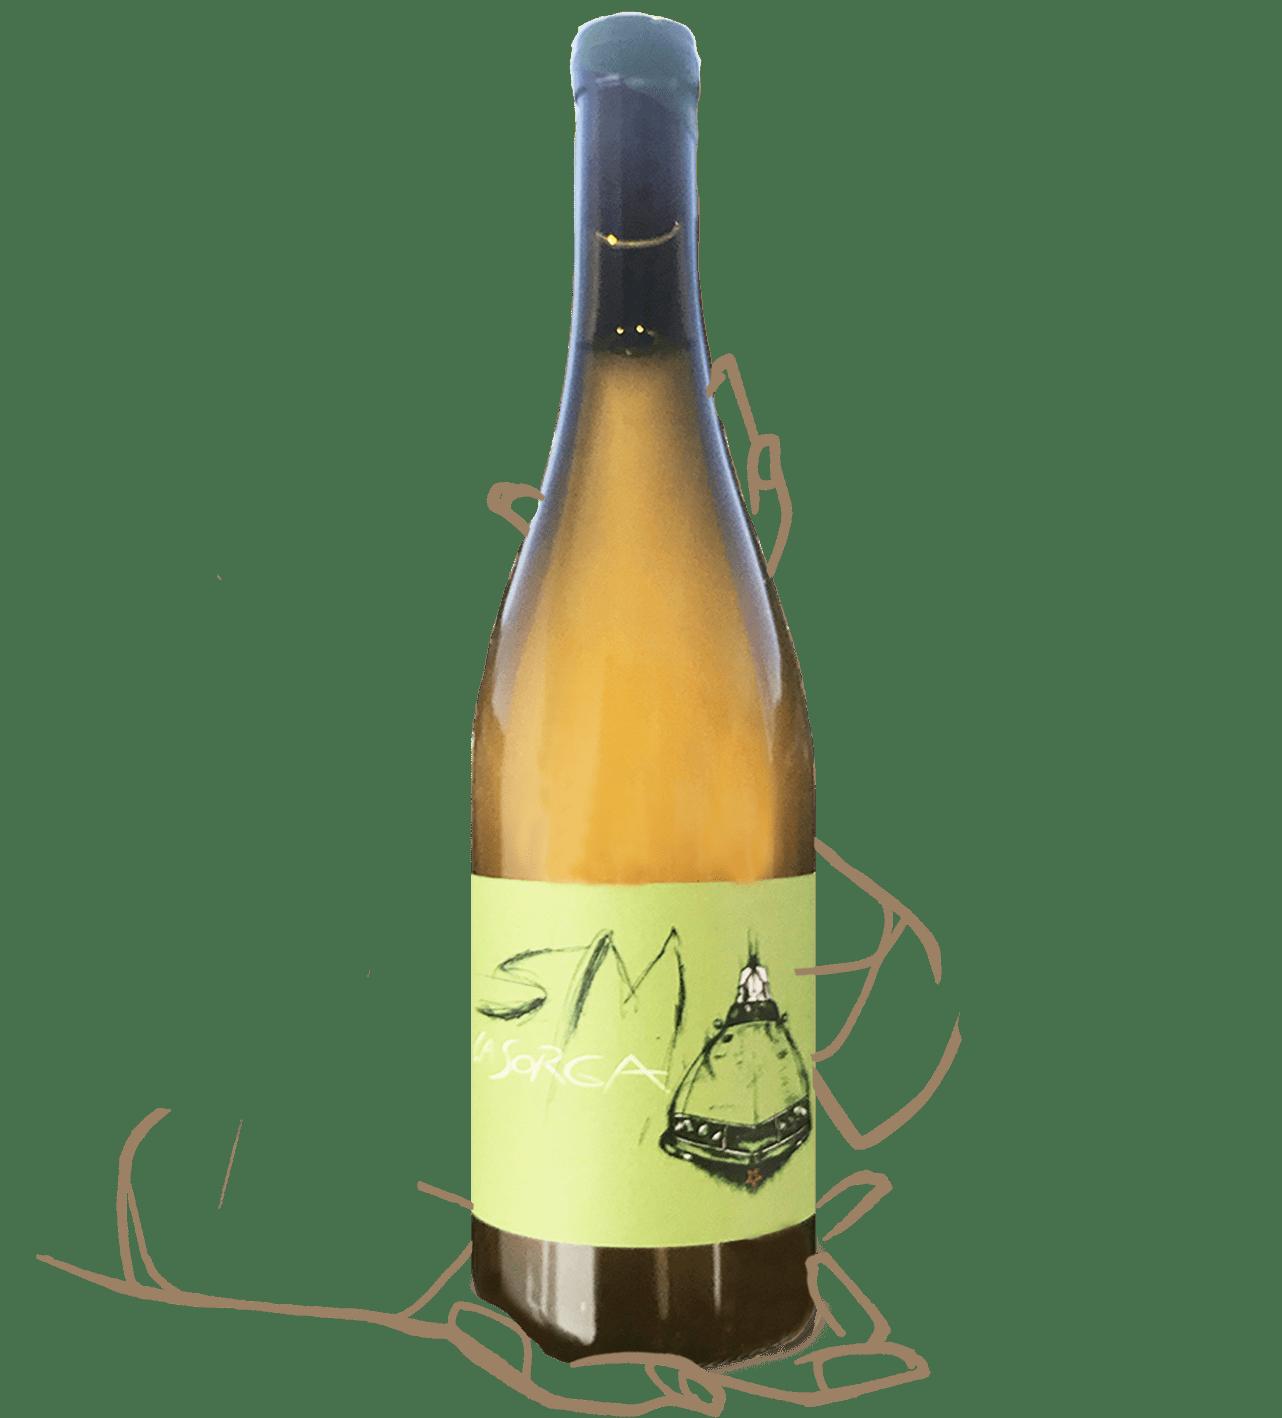 SM du domaine la sorga est un vin orange naturel